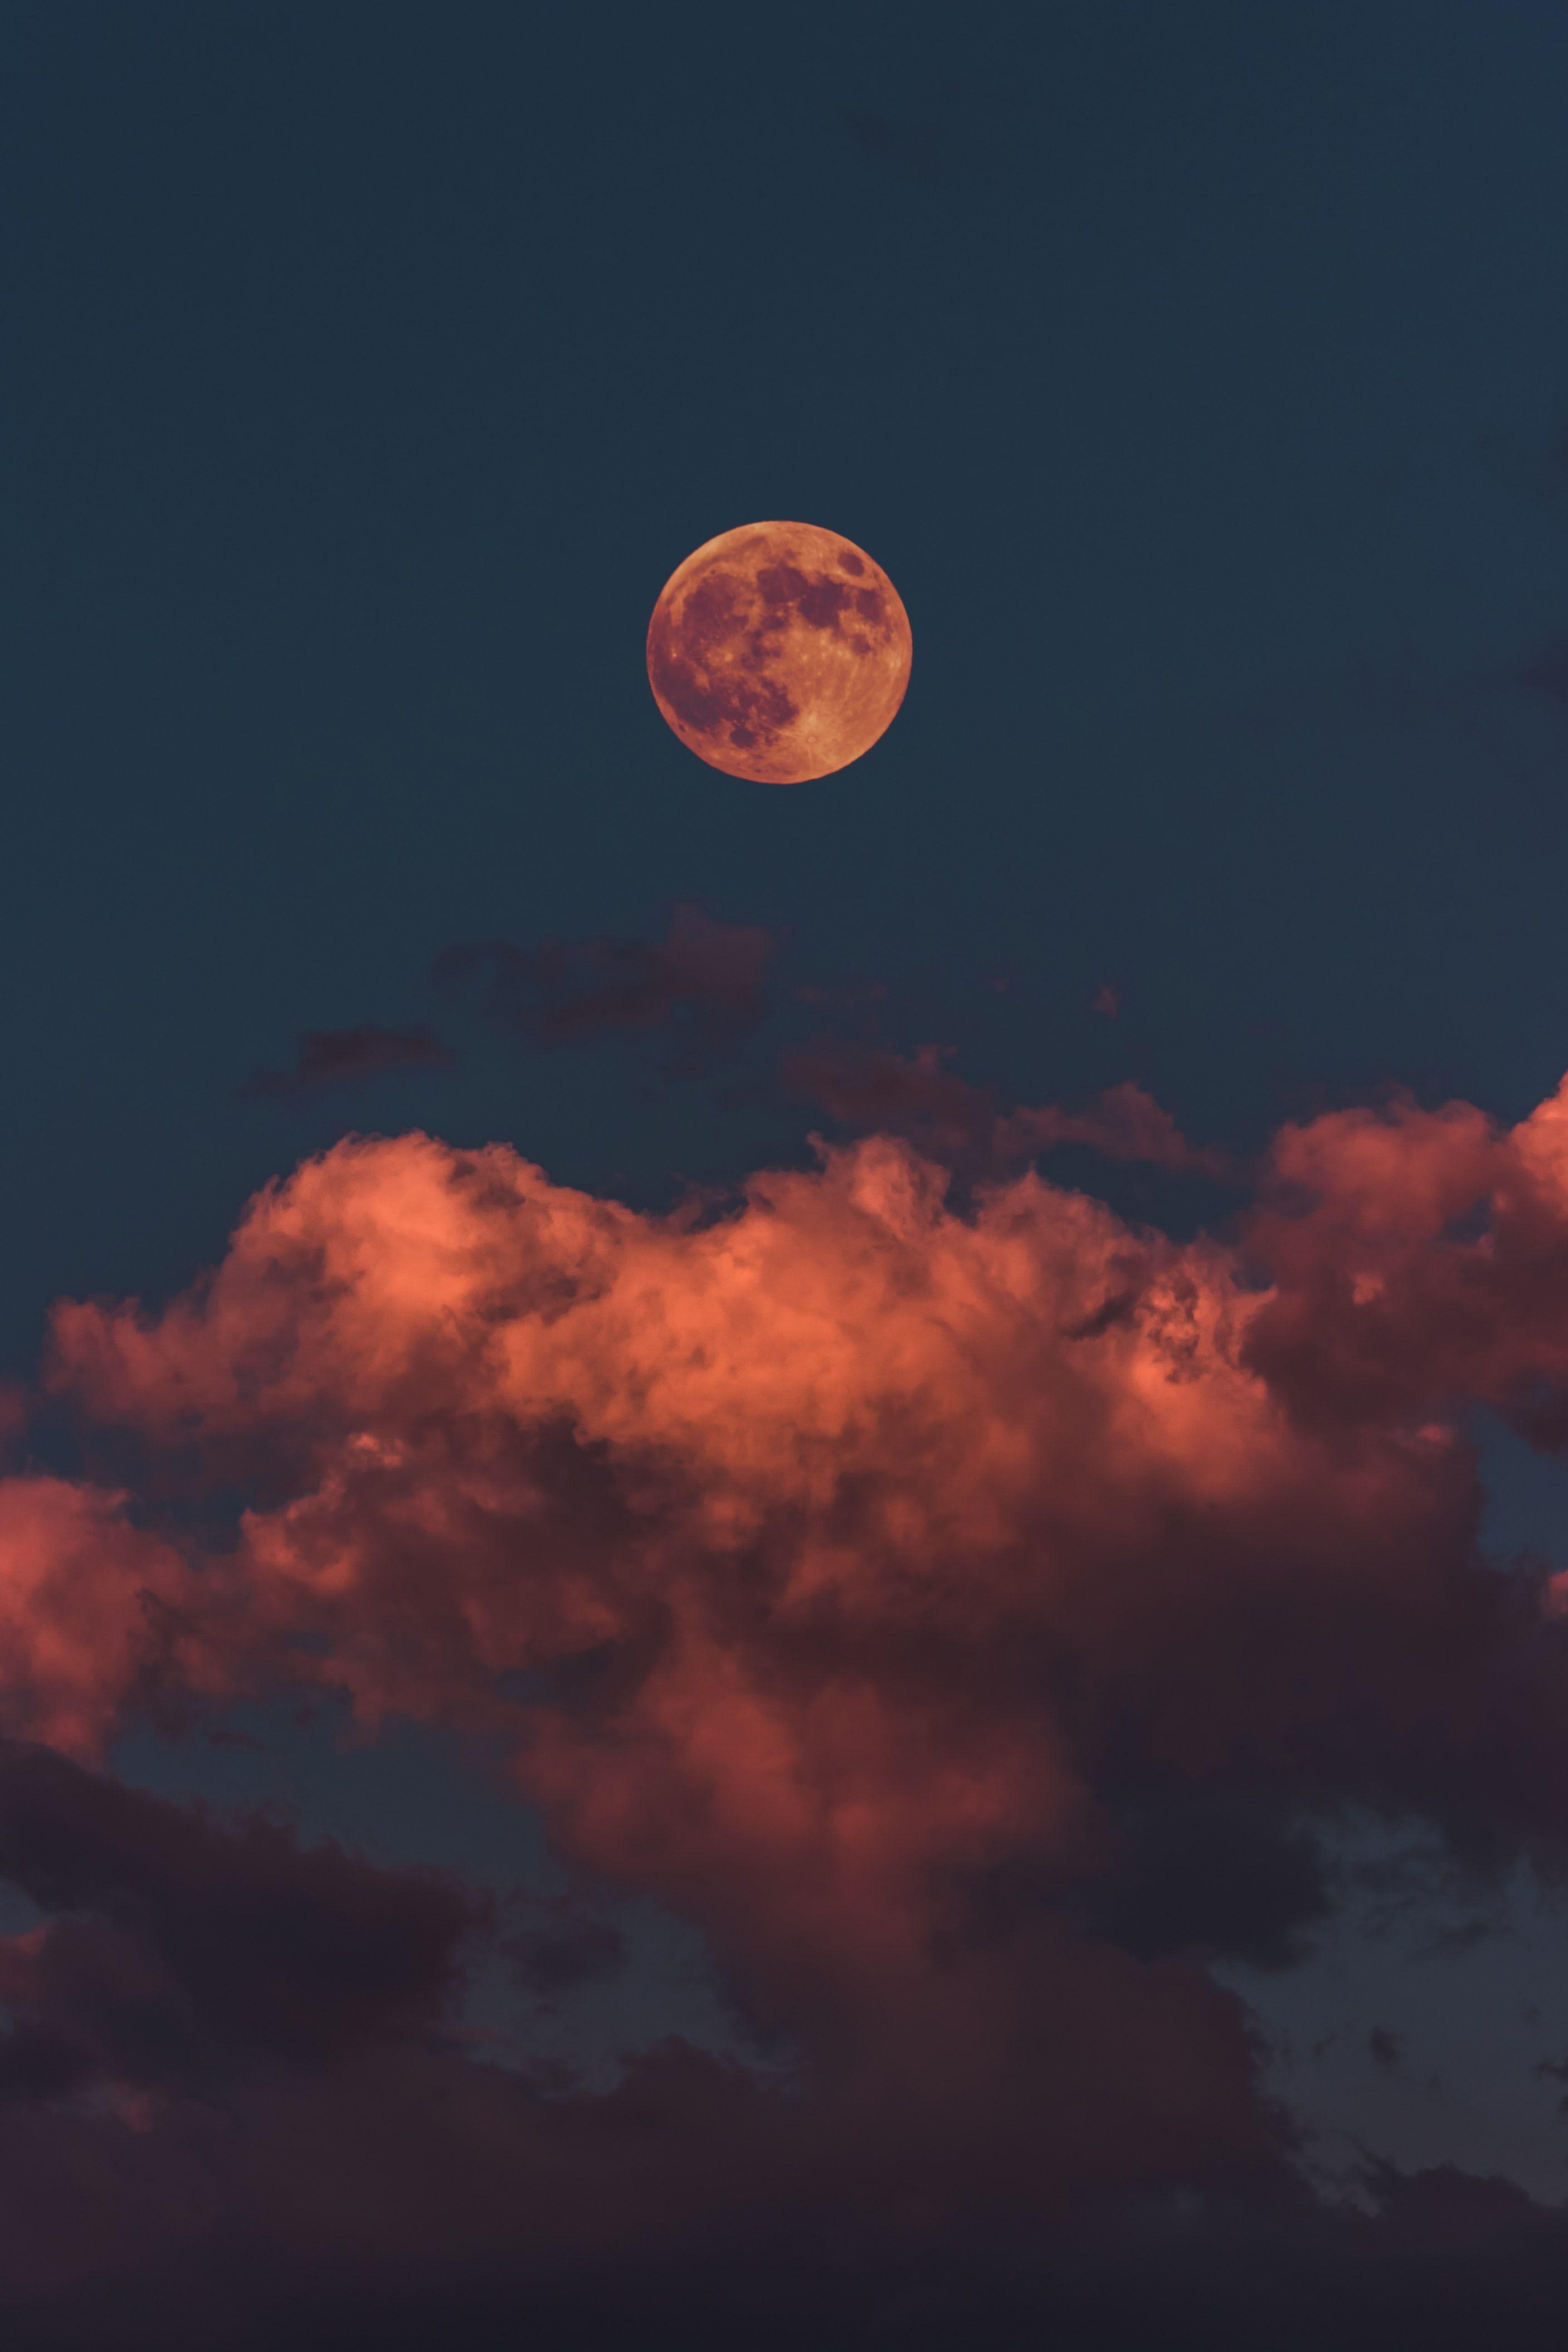 Картинка: Луна, небо, облака, освещение